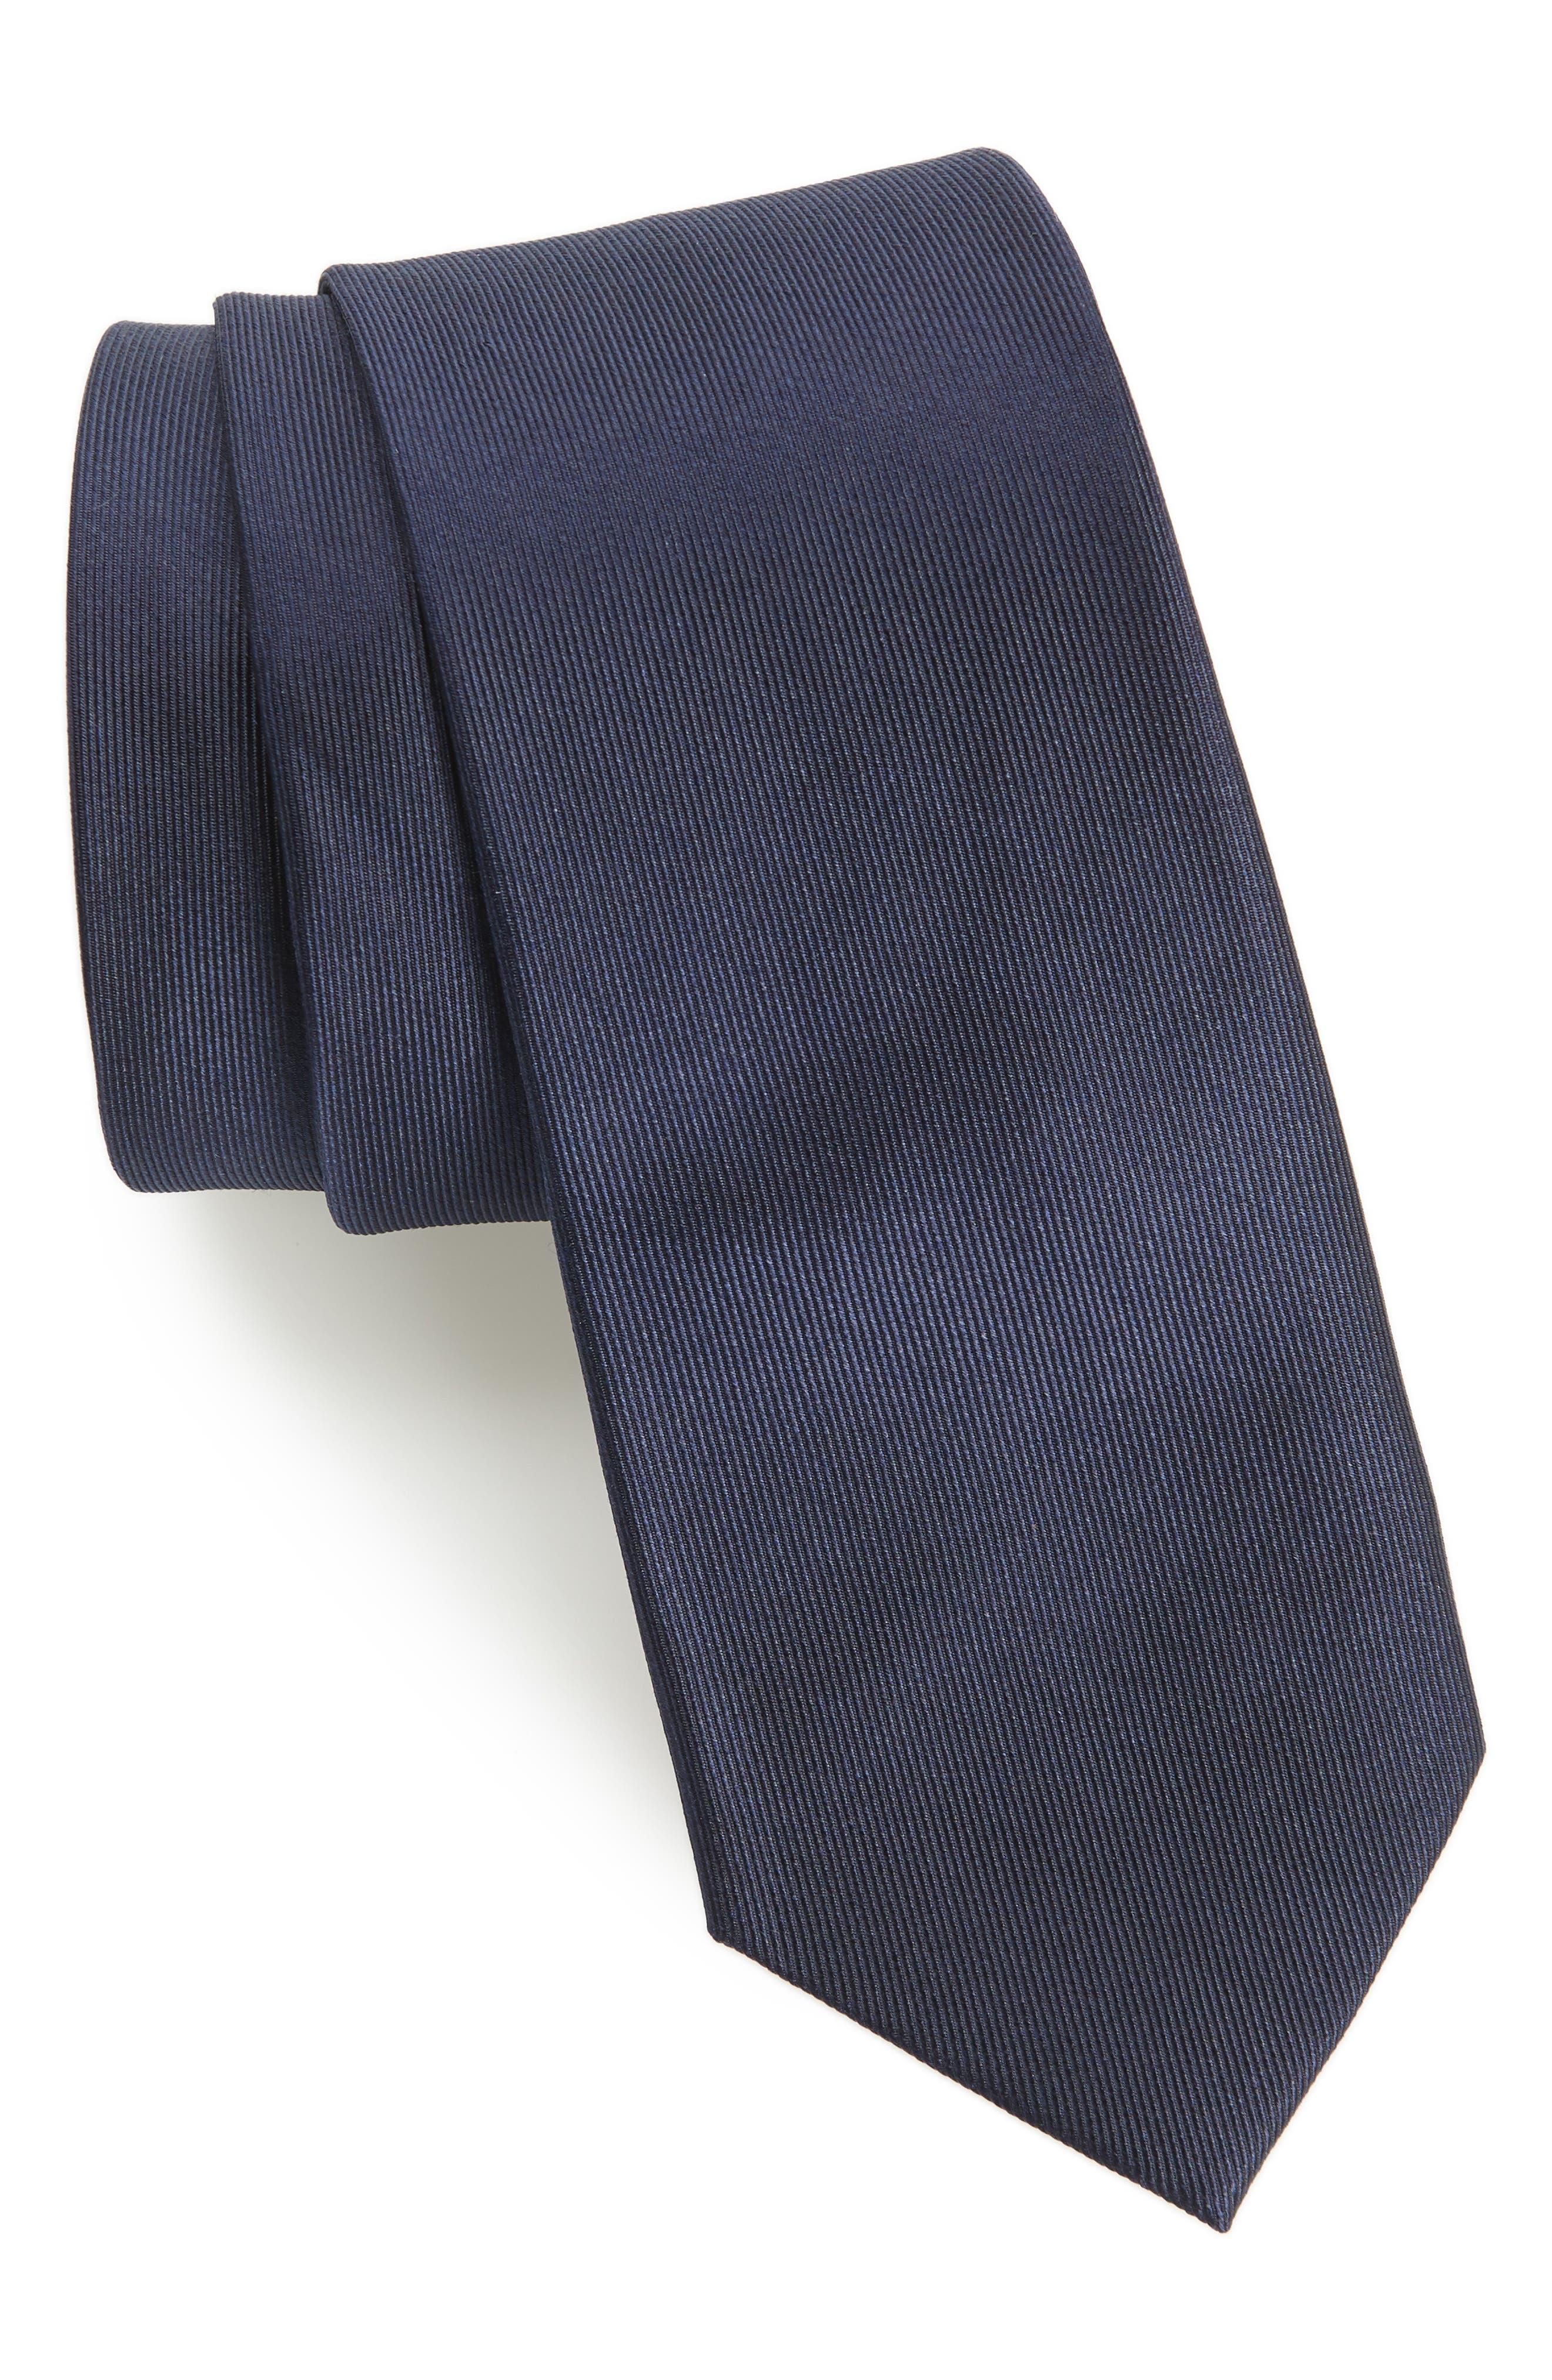 Lucaya Solid Silk Tie,                         Main,                         color, NAVY